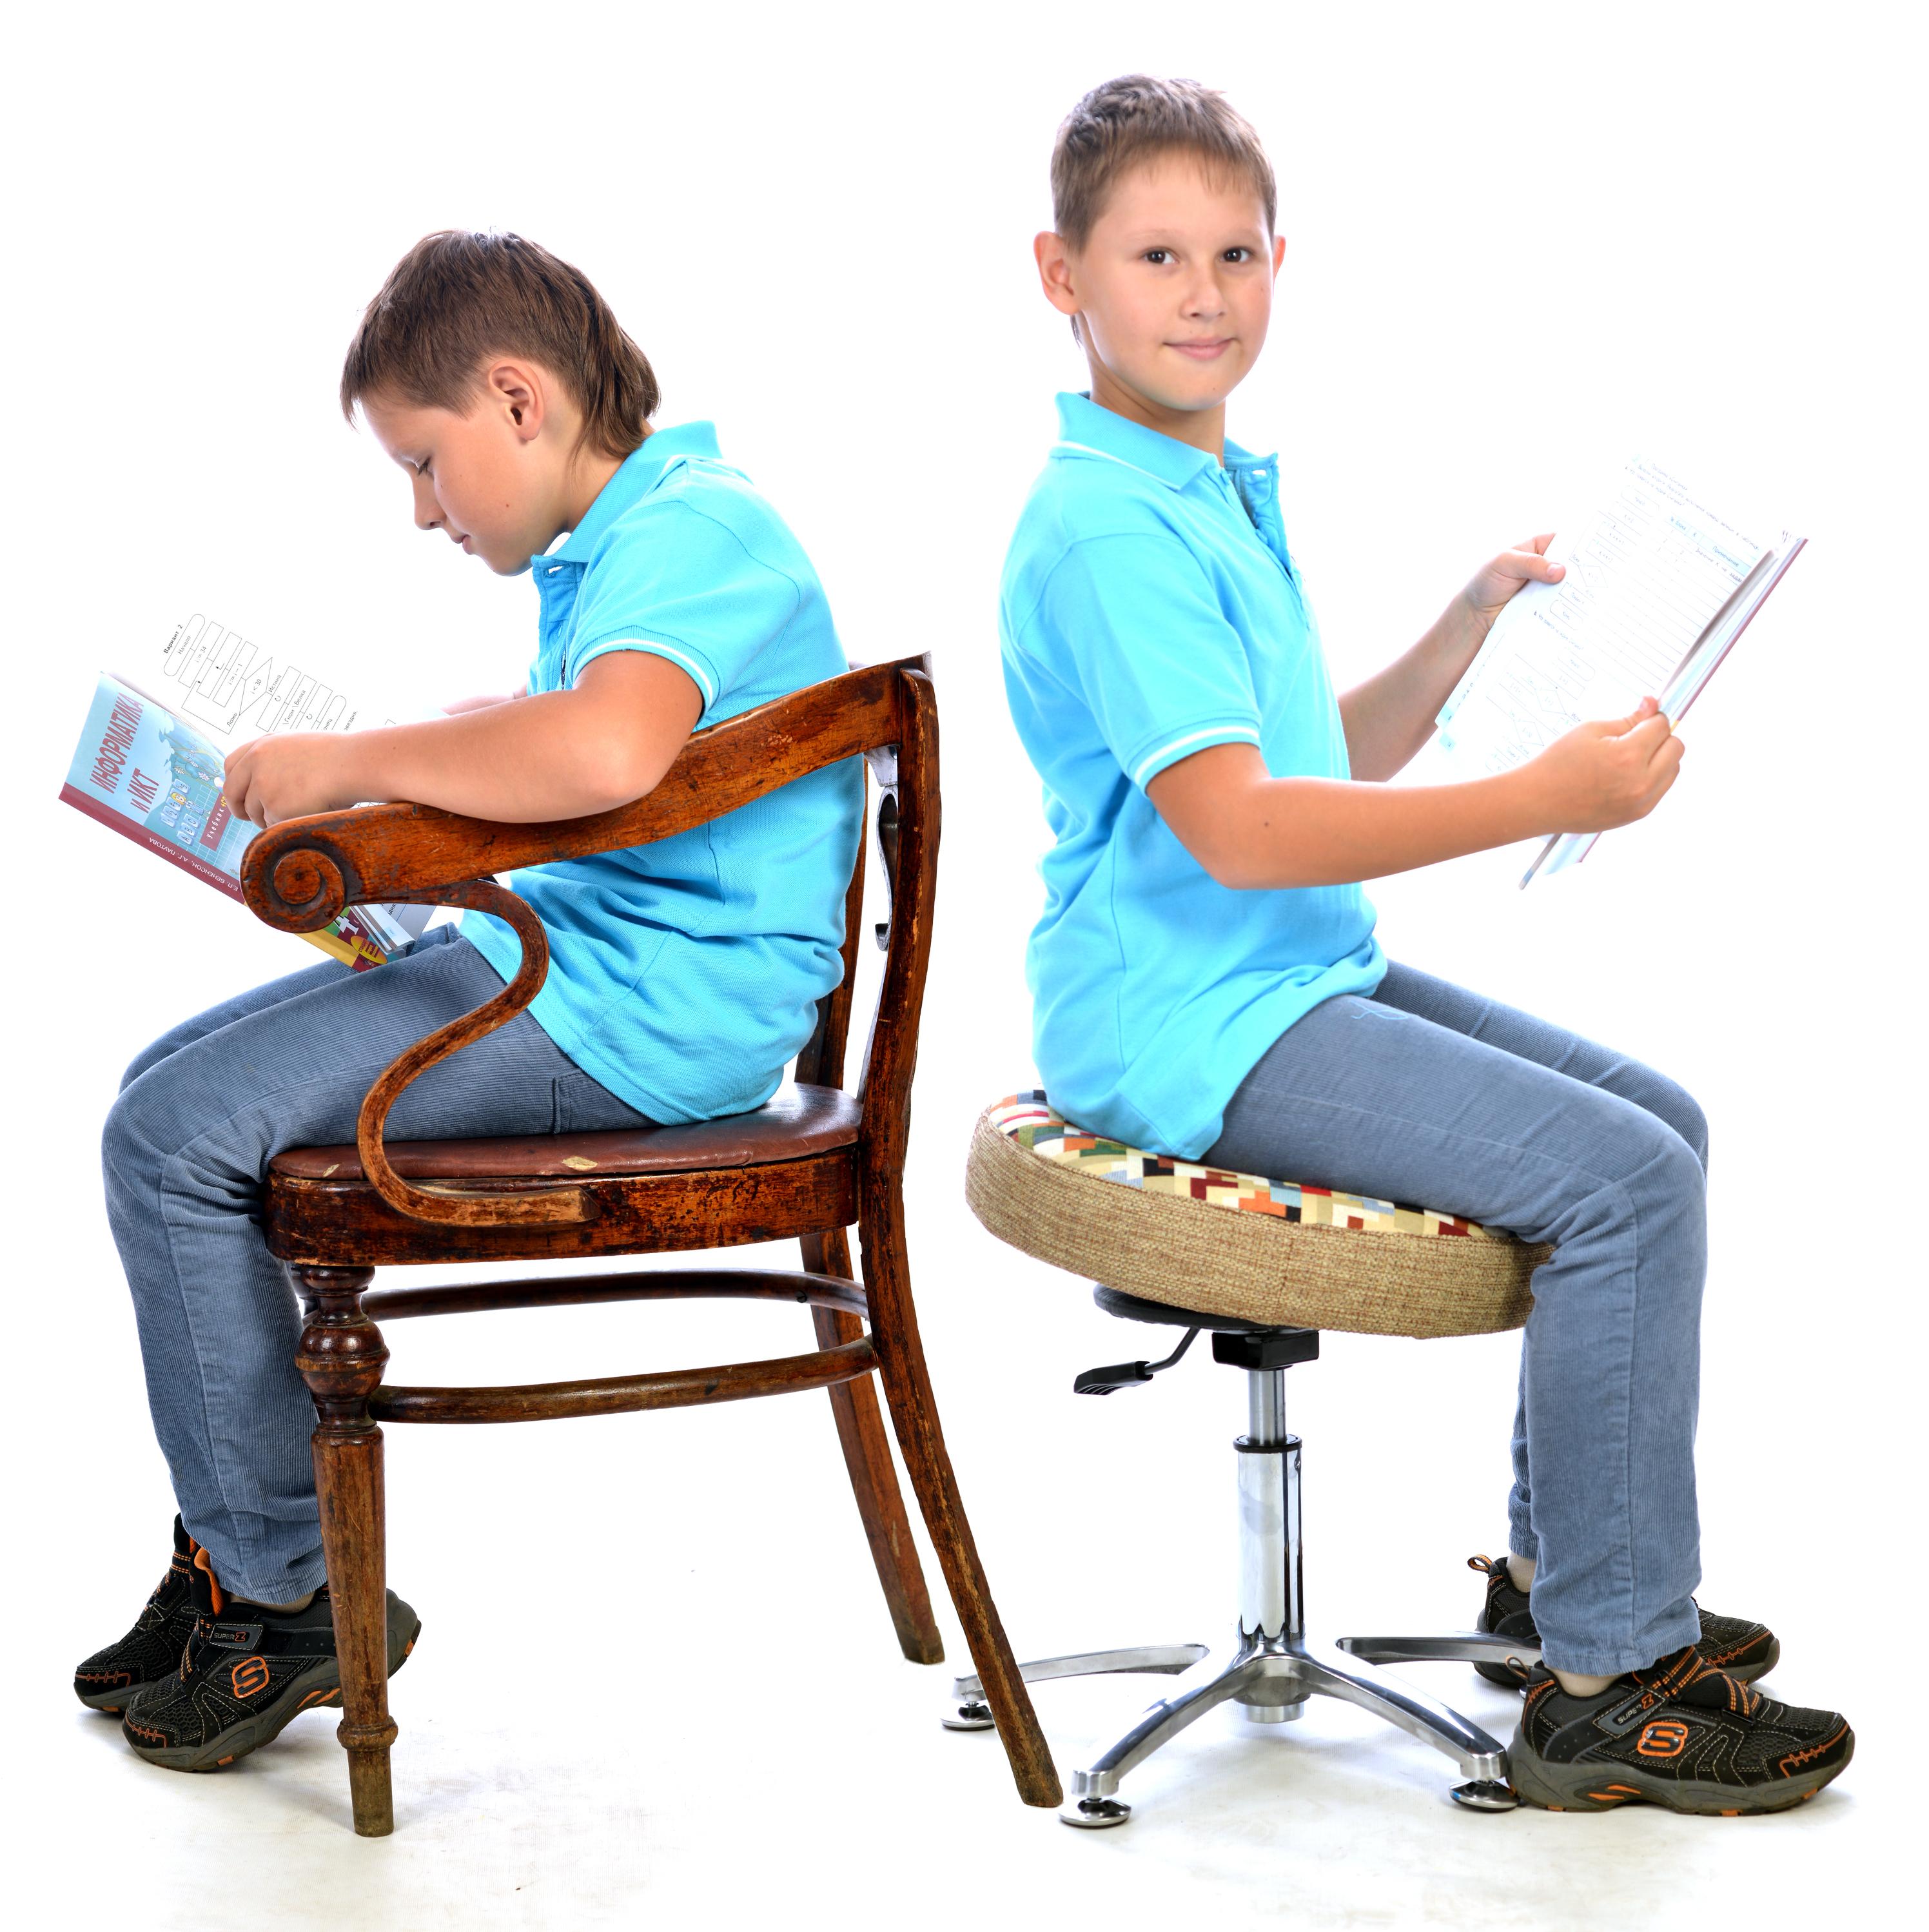 улучшение осанки ребенка на танцующем стуле для школьника